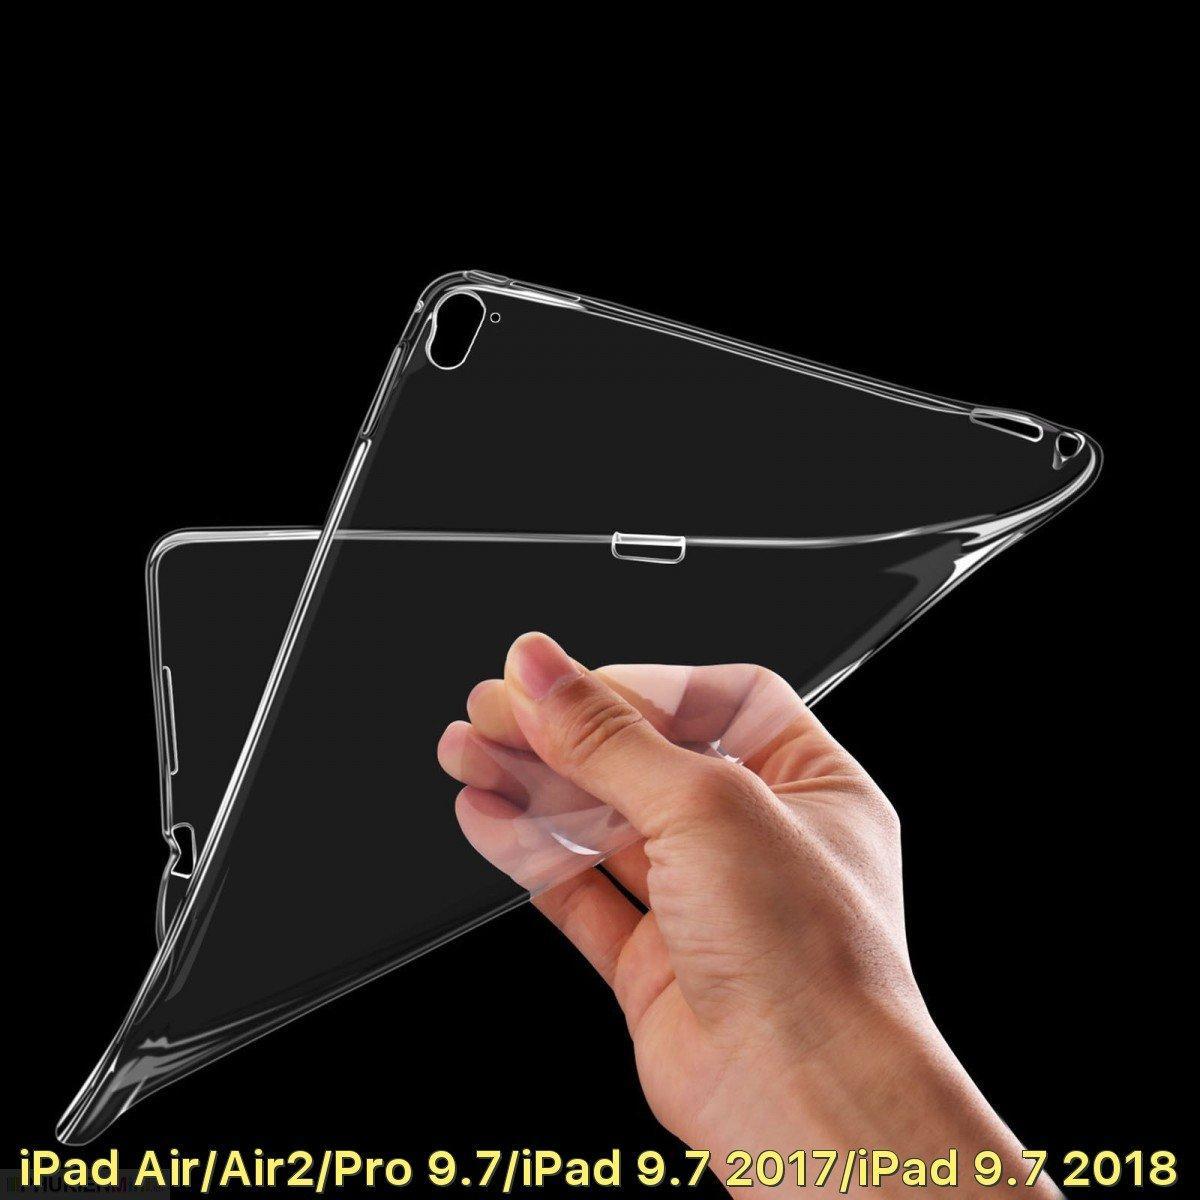 Hình ảnh Ốp lưng dẻo trong suốt cho iPad Air/Air2/Pro 9.7/iPad 9.7 2017/iPad 9.7 2018